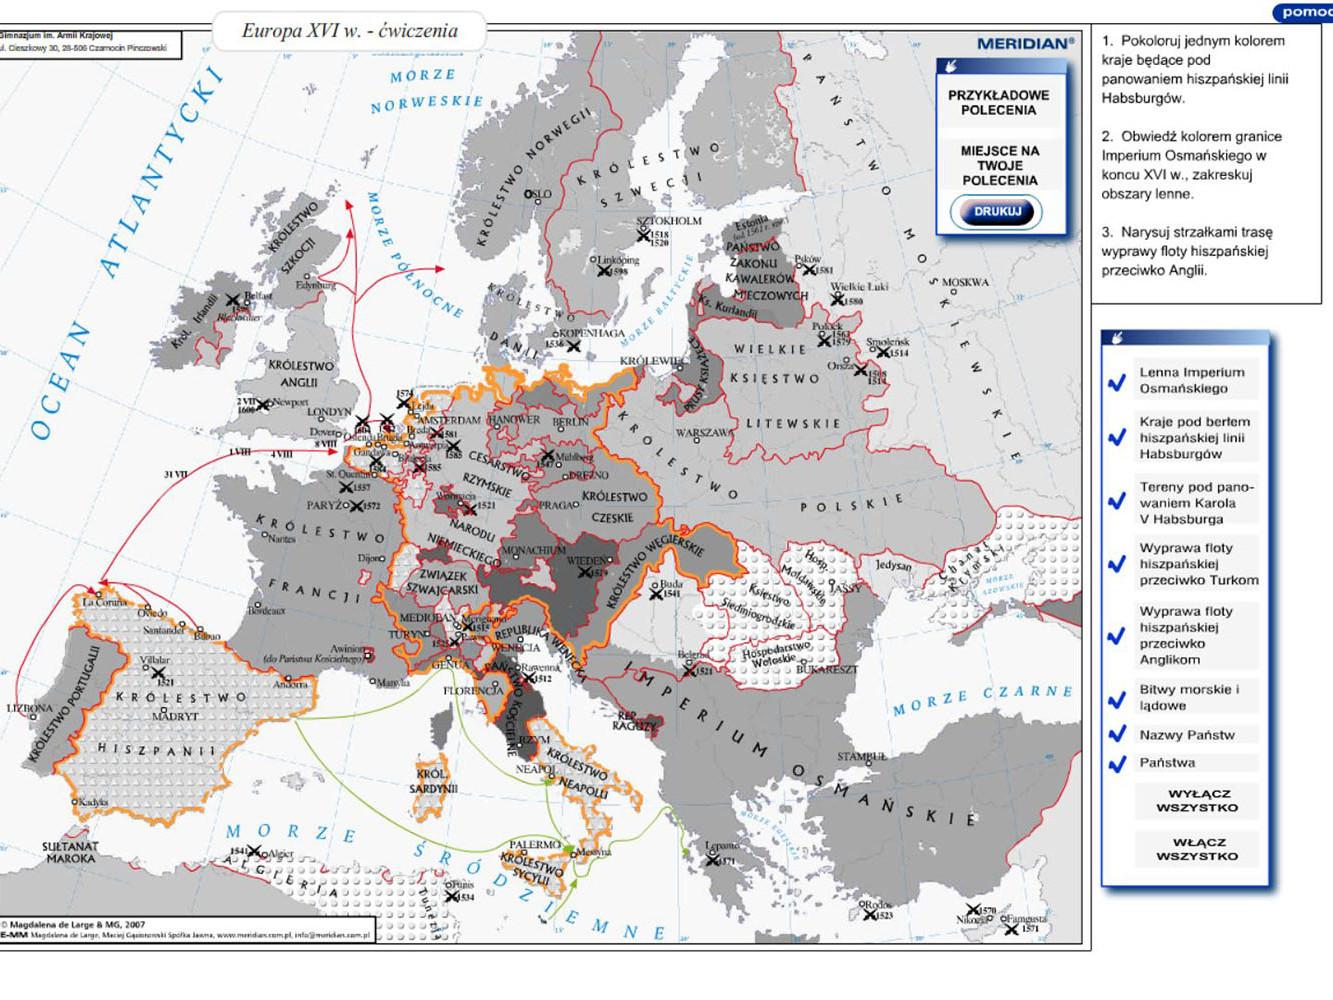 Europa w XVIw - ćwiczenia